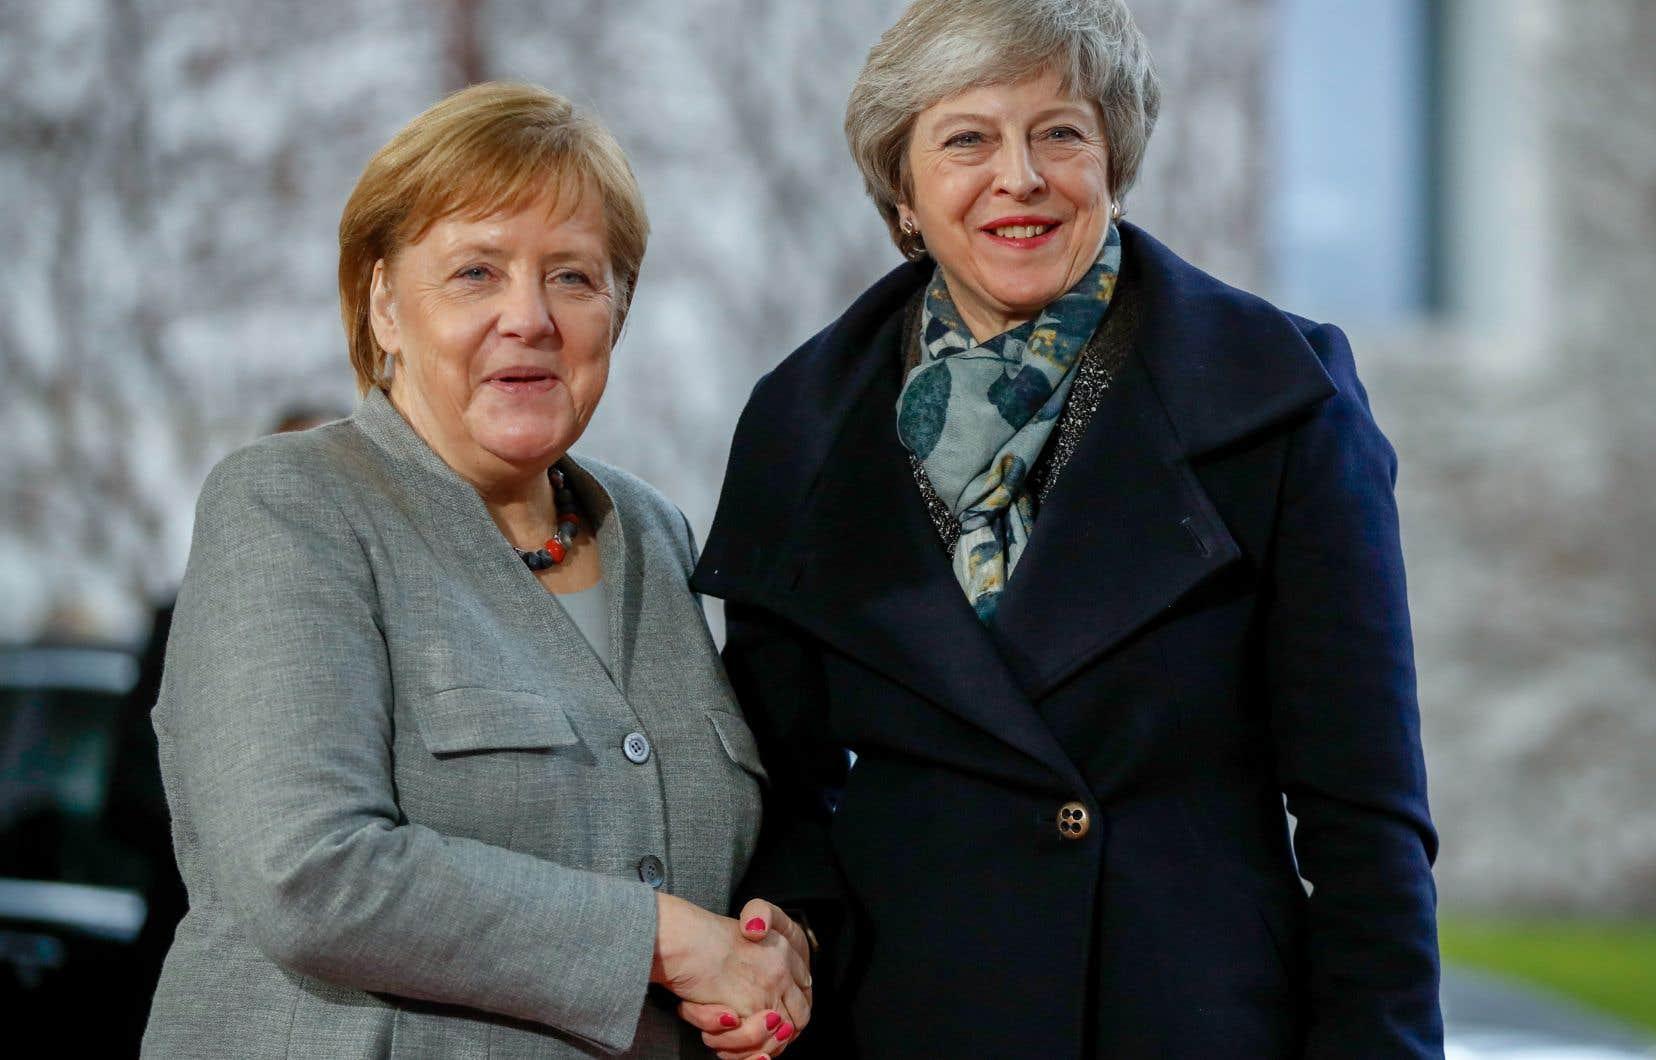 Mardi, Theresa May rencontrera la chancelière Angela Merkel à Berlin puis le président Emmanuel Macron à Paris.